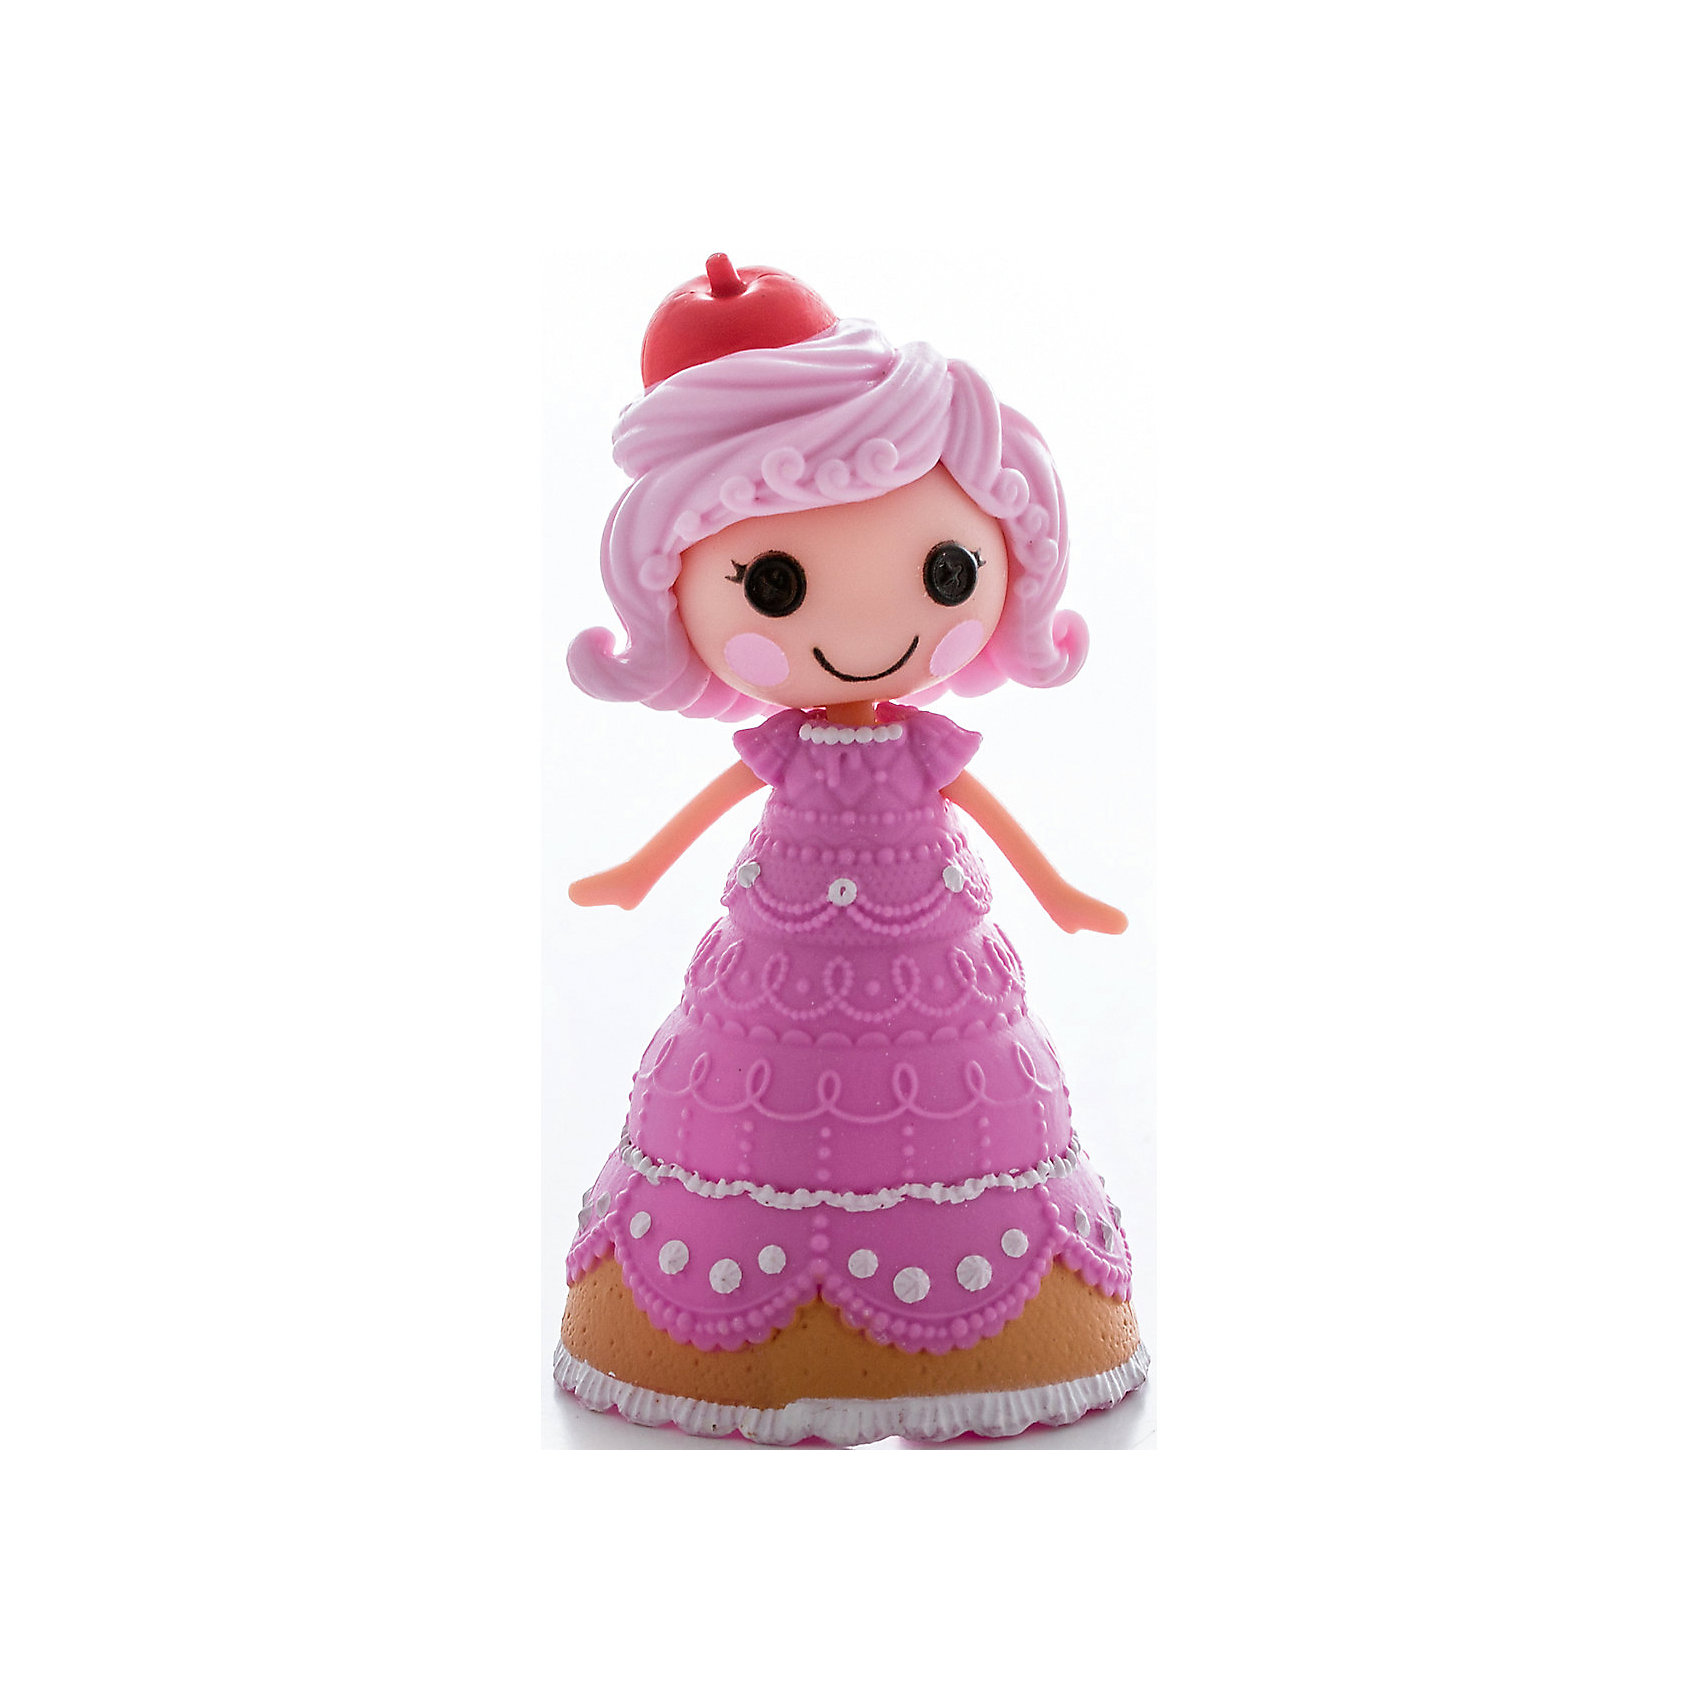 Кукла Кондитерская, Мини-ЛалалупсиБренды кукол<br>Характеристики товара:<br><br>- цвет: разноцветный;<br>- материал: пластик;<br>- подвижные части тела;<br>- комплектация: кукла, аксессуары;<br>- размер упаковки: 18х14х4 см.<br>- размер куклы: 7,5 см.<br><br>Эти симпатичные куклы Мини-Лалалупси от известного бренда не оставят девочку равнодушной! Какая девочка сможет отказаться поиграть с куклами, которых можно переодевать и менять им прически благодаря набору аксессуаров?! В комплект входят наряды, аксессуары, обувь и парики. Игрушка очень качественно выполнена, поэтому она станет замечательным подарком ребенку. <br>Продается набор в красивой удобной упаковке. Изделие произведено из высококачественного материала, безопасного для детей.<br><br>Куклу Кондитерская, Мини-Лалалупси, можно купить в нашем интернет-магазине.<br><br>Ширина мм: 200<br>Глубина мм: 210<br>Высота мм: 60<br>Вес г: 163<br>Возраст от месяцев: 36<br>Возраст до месяцев: 2147483647<br>Пол: Женский<br>Возраст: Детский<br>SKU: 5140220